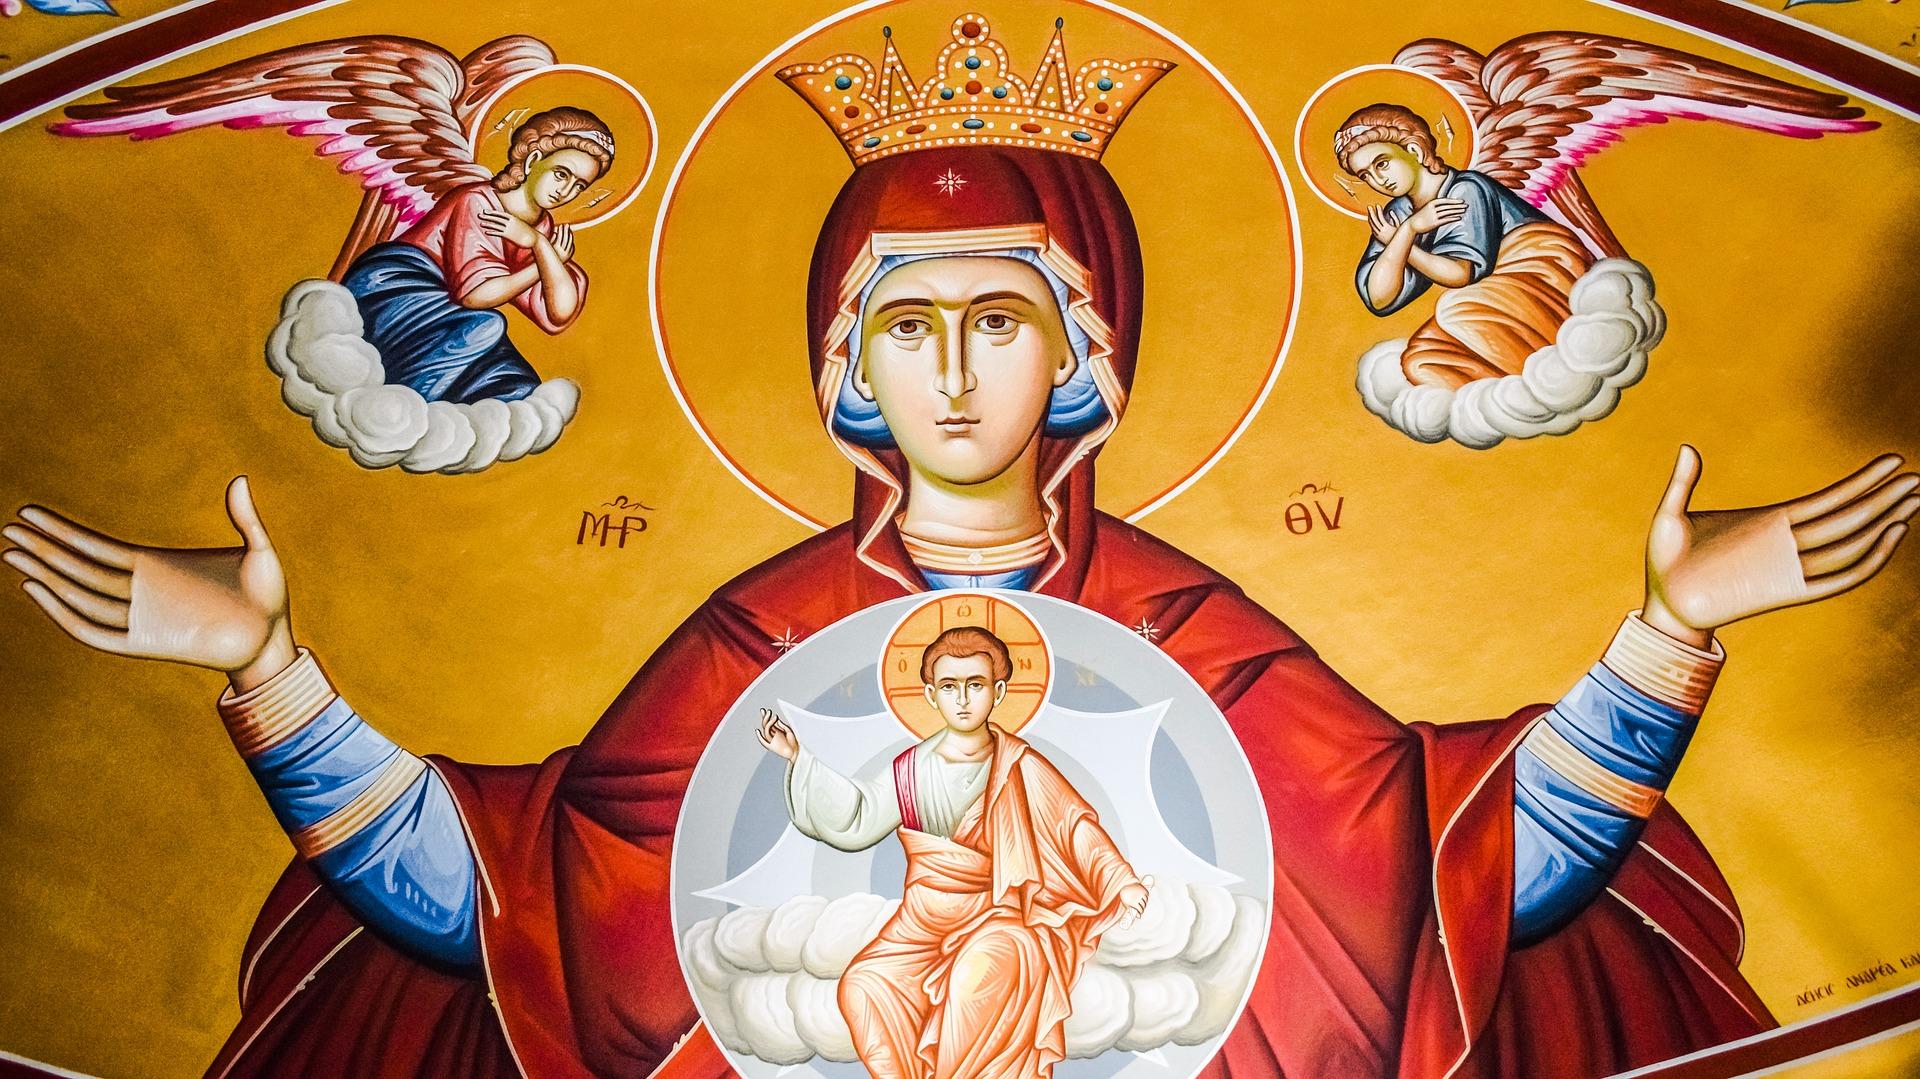 <p>Matka Boża znana i uznawana za godną szacunku jest w chrześcijaństwie, ale też na przykład w islamie. Dla wielu z nas jest kimś bliskim, u kogo szukamy ratunku. Ale czy znasz Maryję? Sprawdź ile o Niej wiesz.</p>